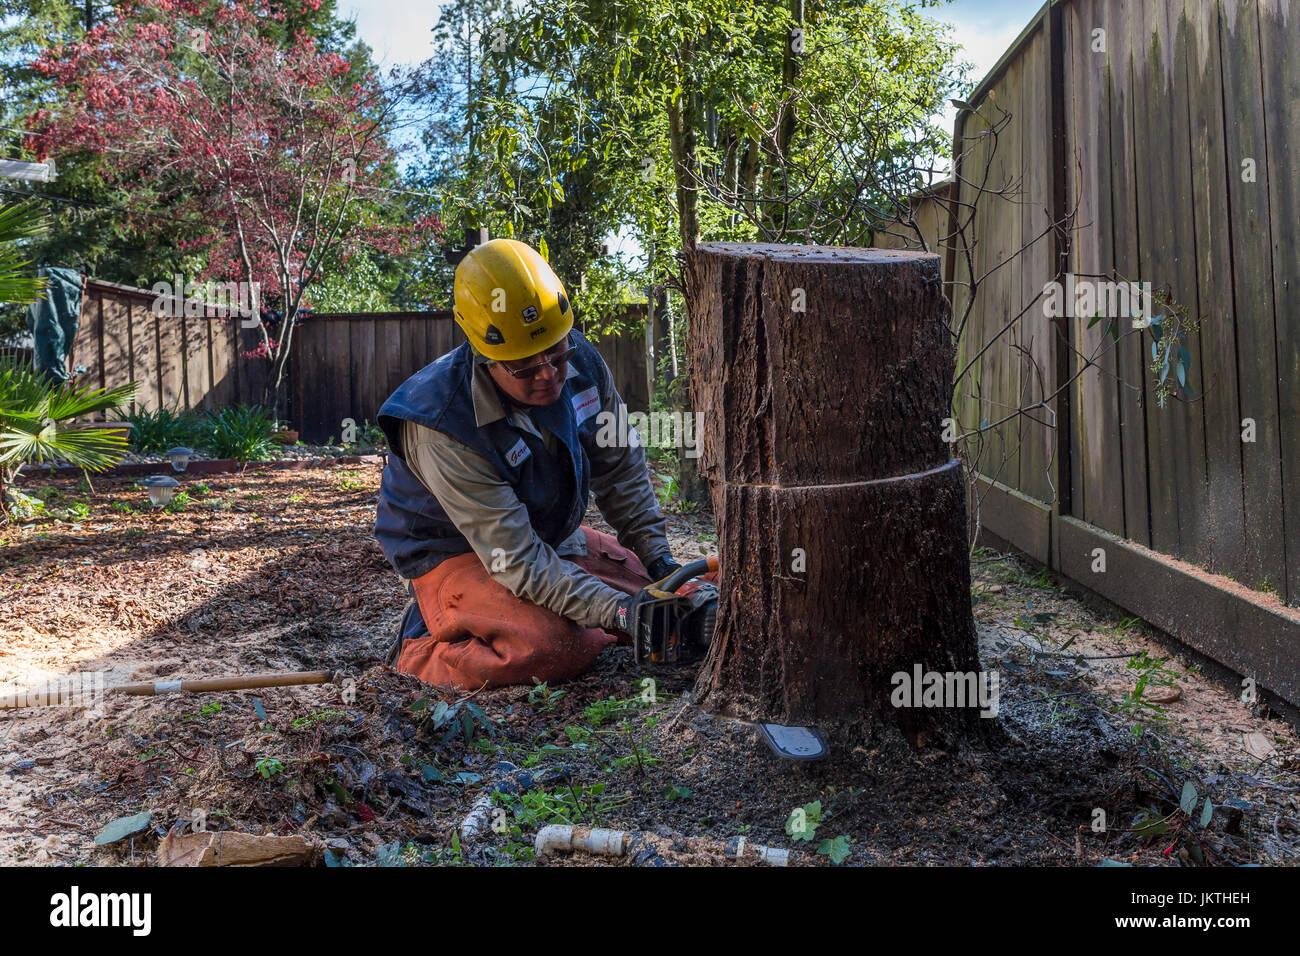 Baum Trimmer, Baum trimmen Dienst, Abholzen von Eukalyptus-Baum, mit Kettensäge, Baumpflege, Waldarbeiter, Stockbild